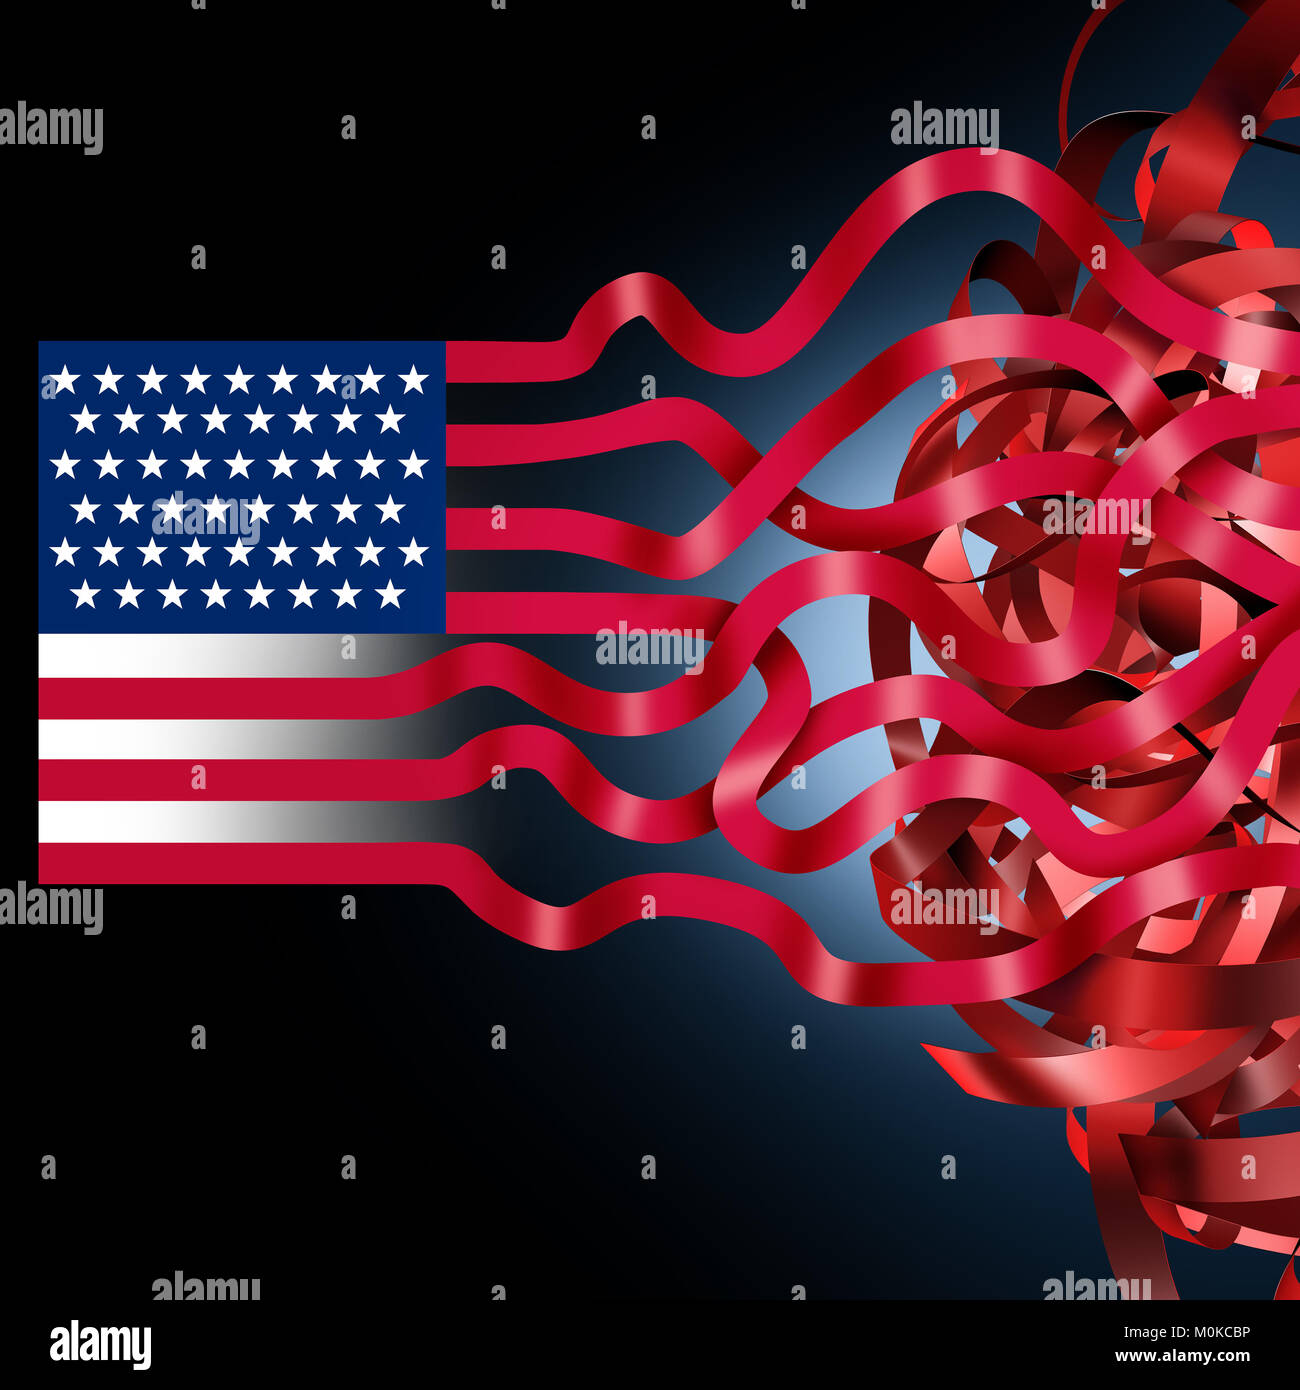 Americano di arresto del governo federale degli Stati Uniti la confusione dovuta alla spesa bill disaccordo come Immagini Stock